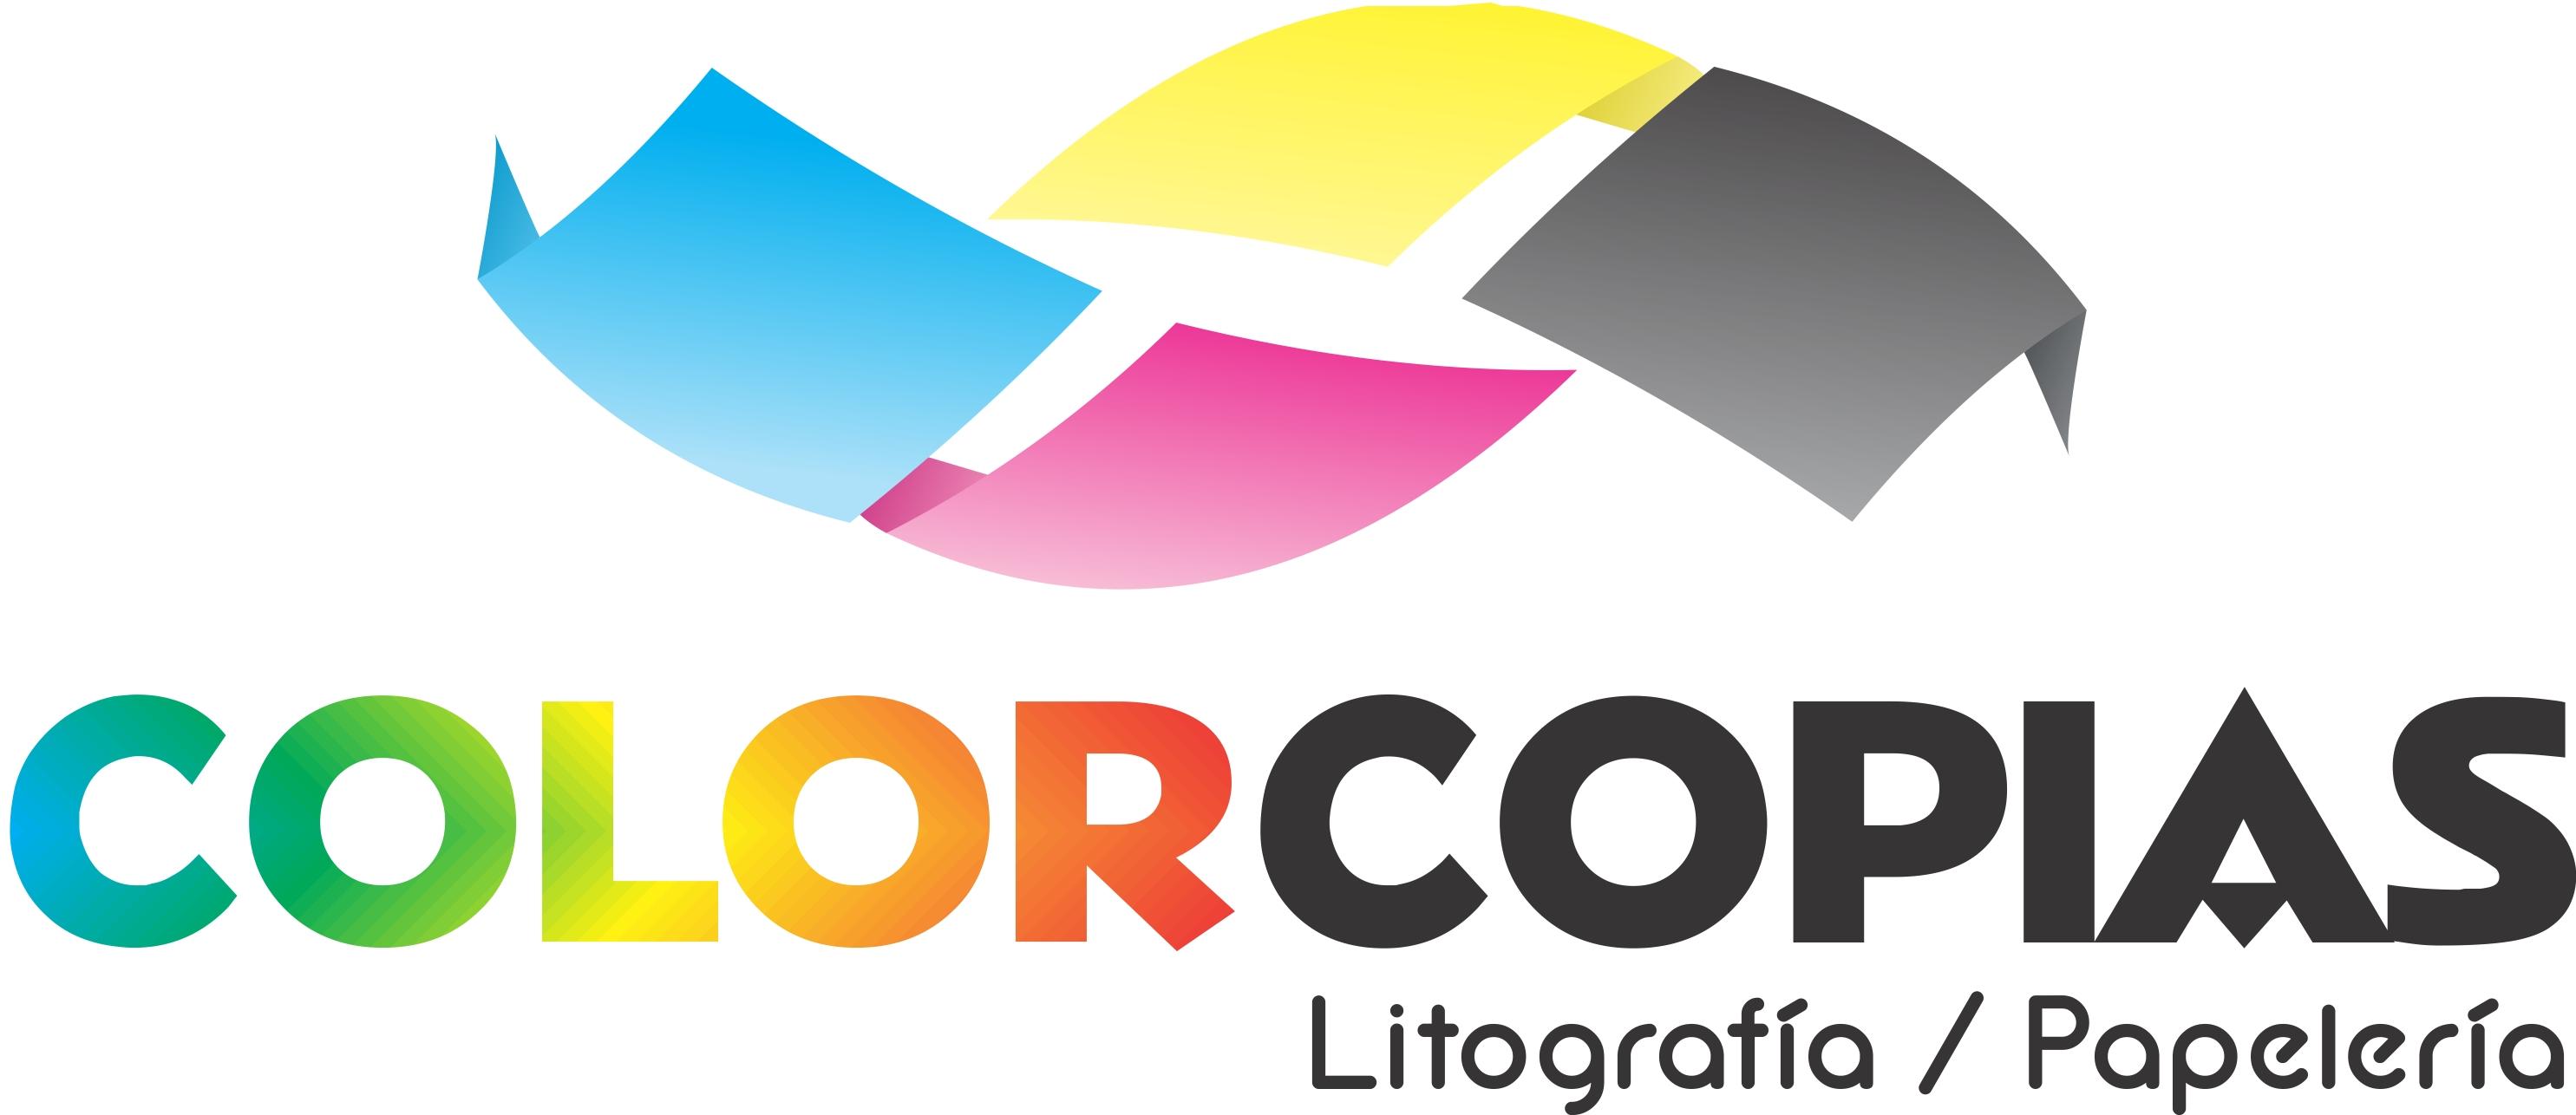 Nuevo logo de colorcopias